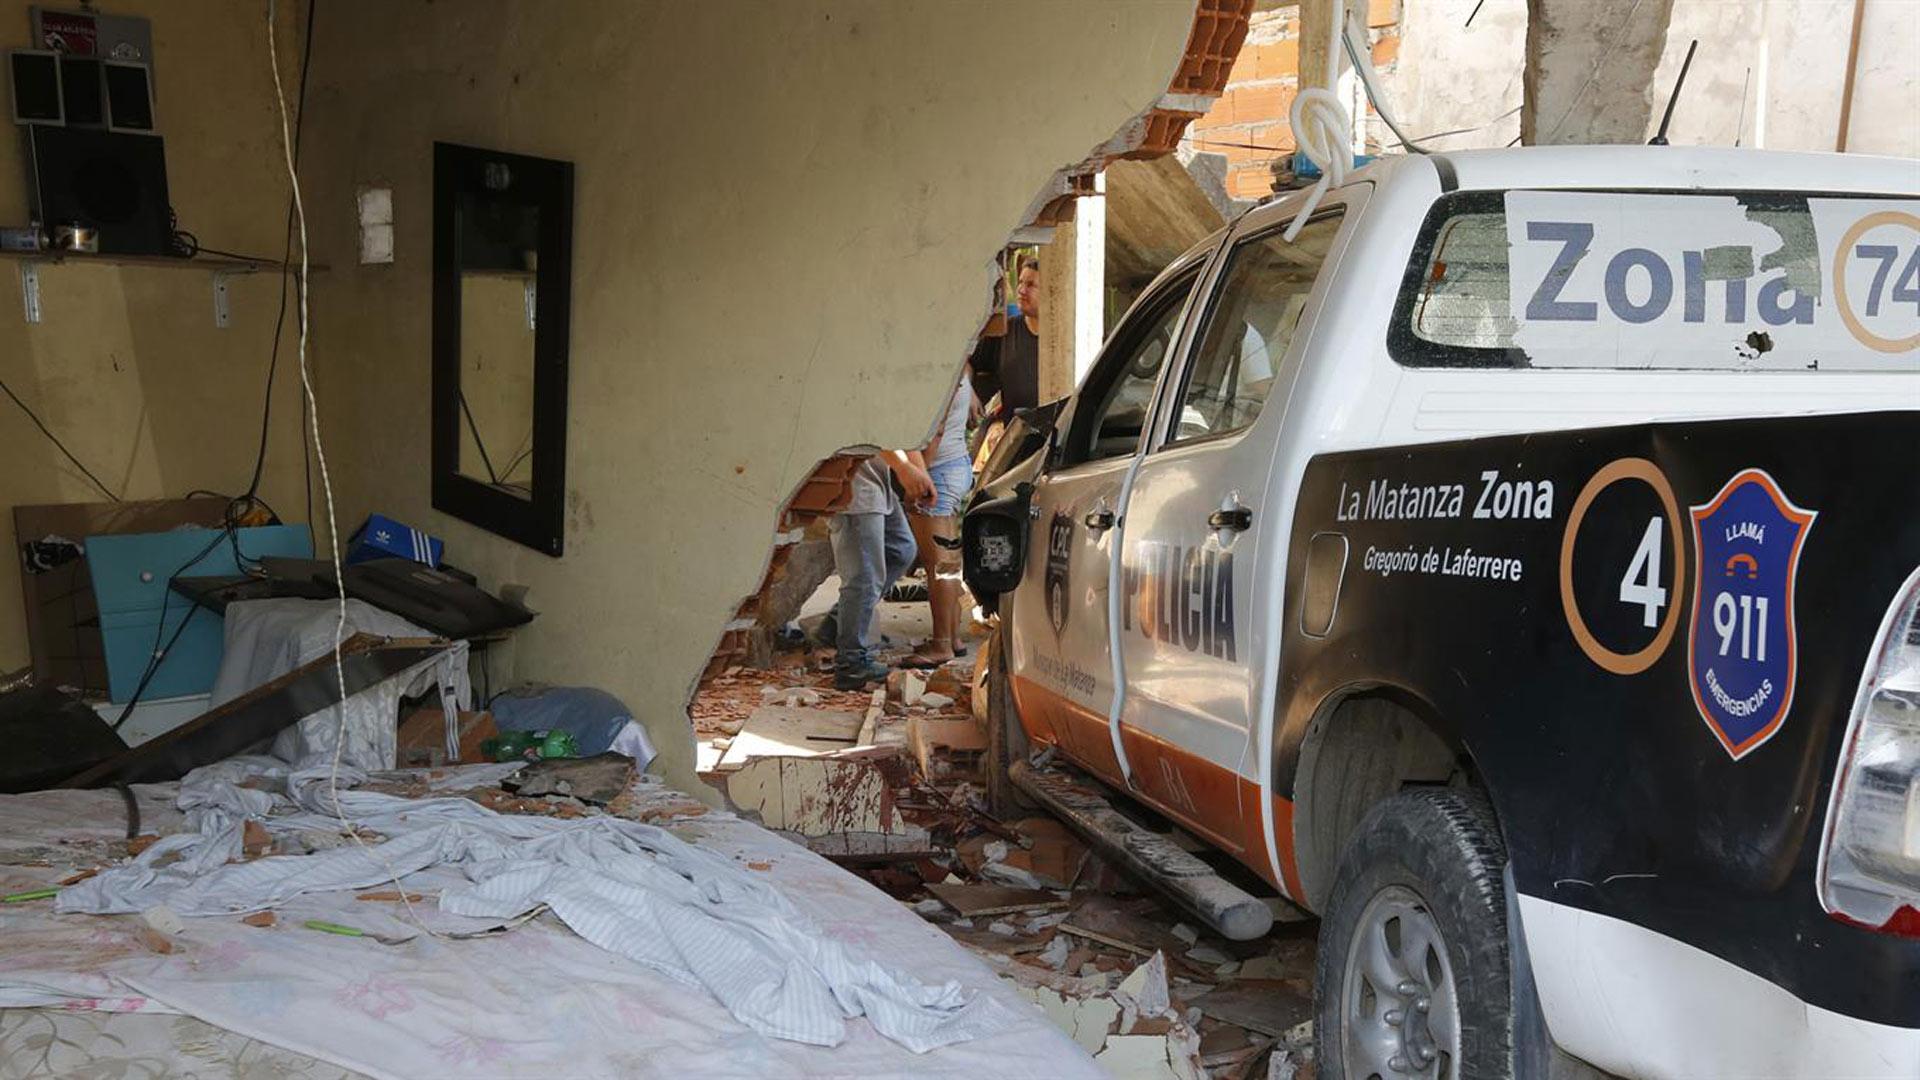 El fallecido estaba durmiendo dentro de su casa cuando ocurrió el accidente